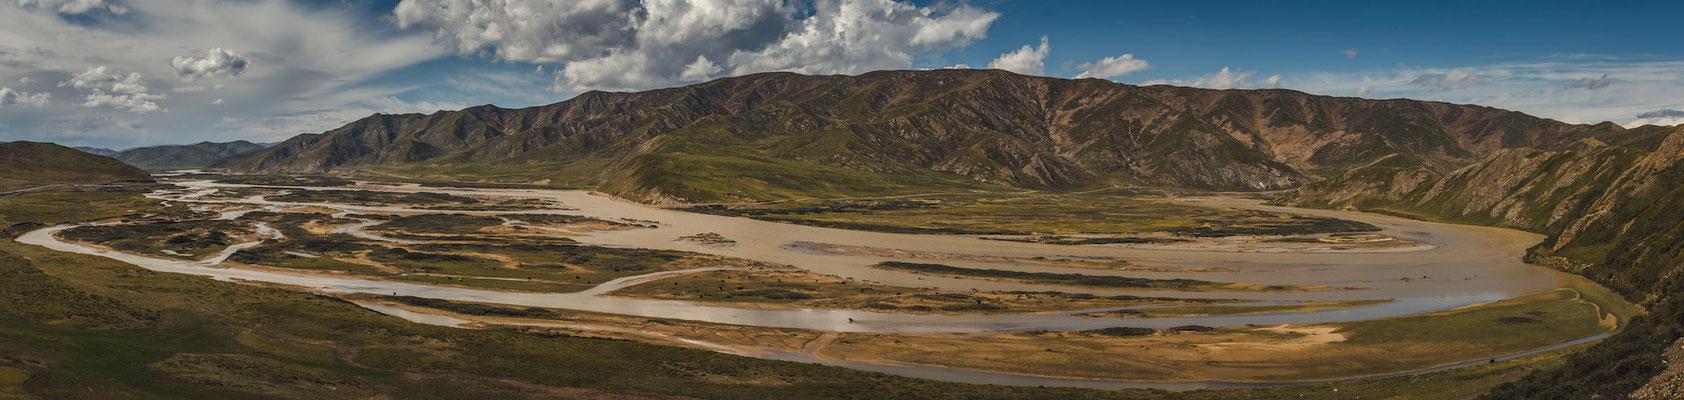 Gelber Fluss. Der wunderschöne Fluss, dem wir mehrere Tage folgten, entpuppte sich als der zweitgrößte Fluss Chinas - ne Wucht von 5464 Kilometern.